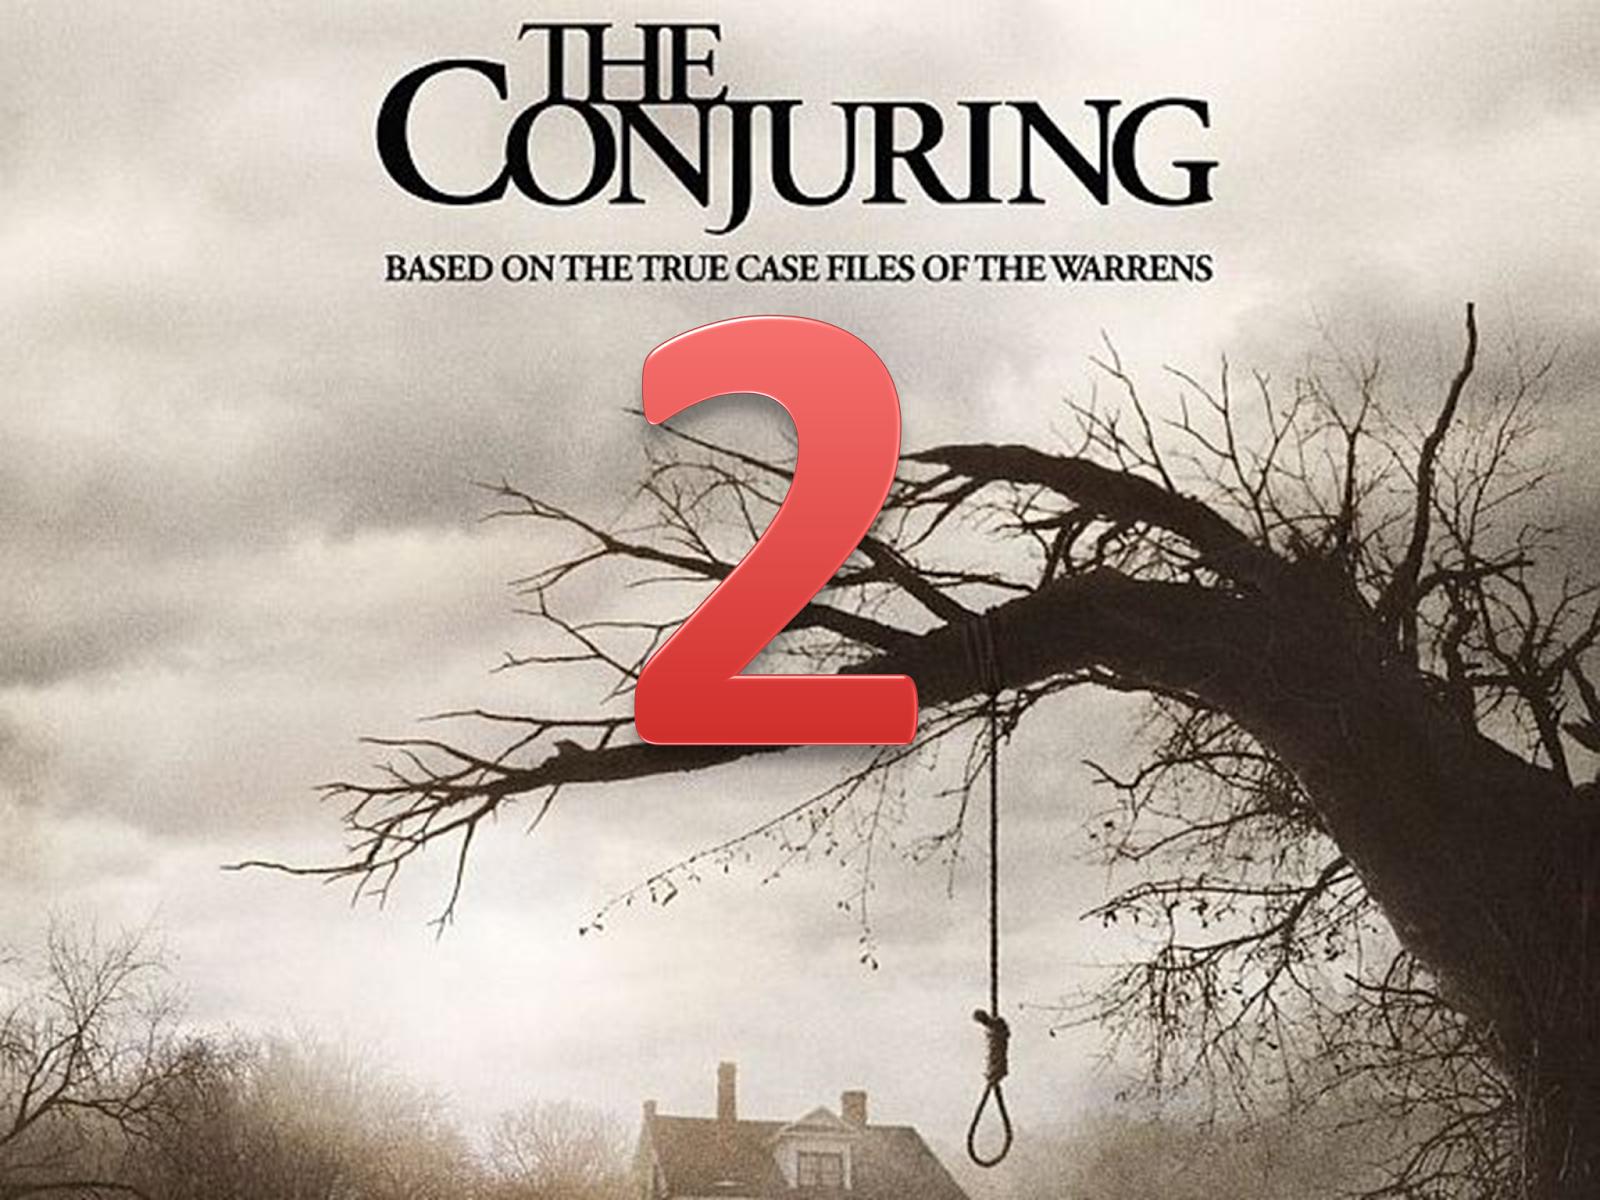 Il sequel de L'Evocazione – The Conjuring è stato rinviato